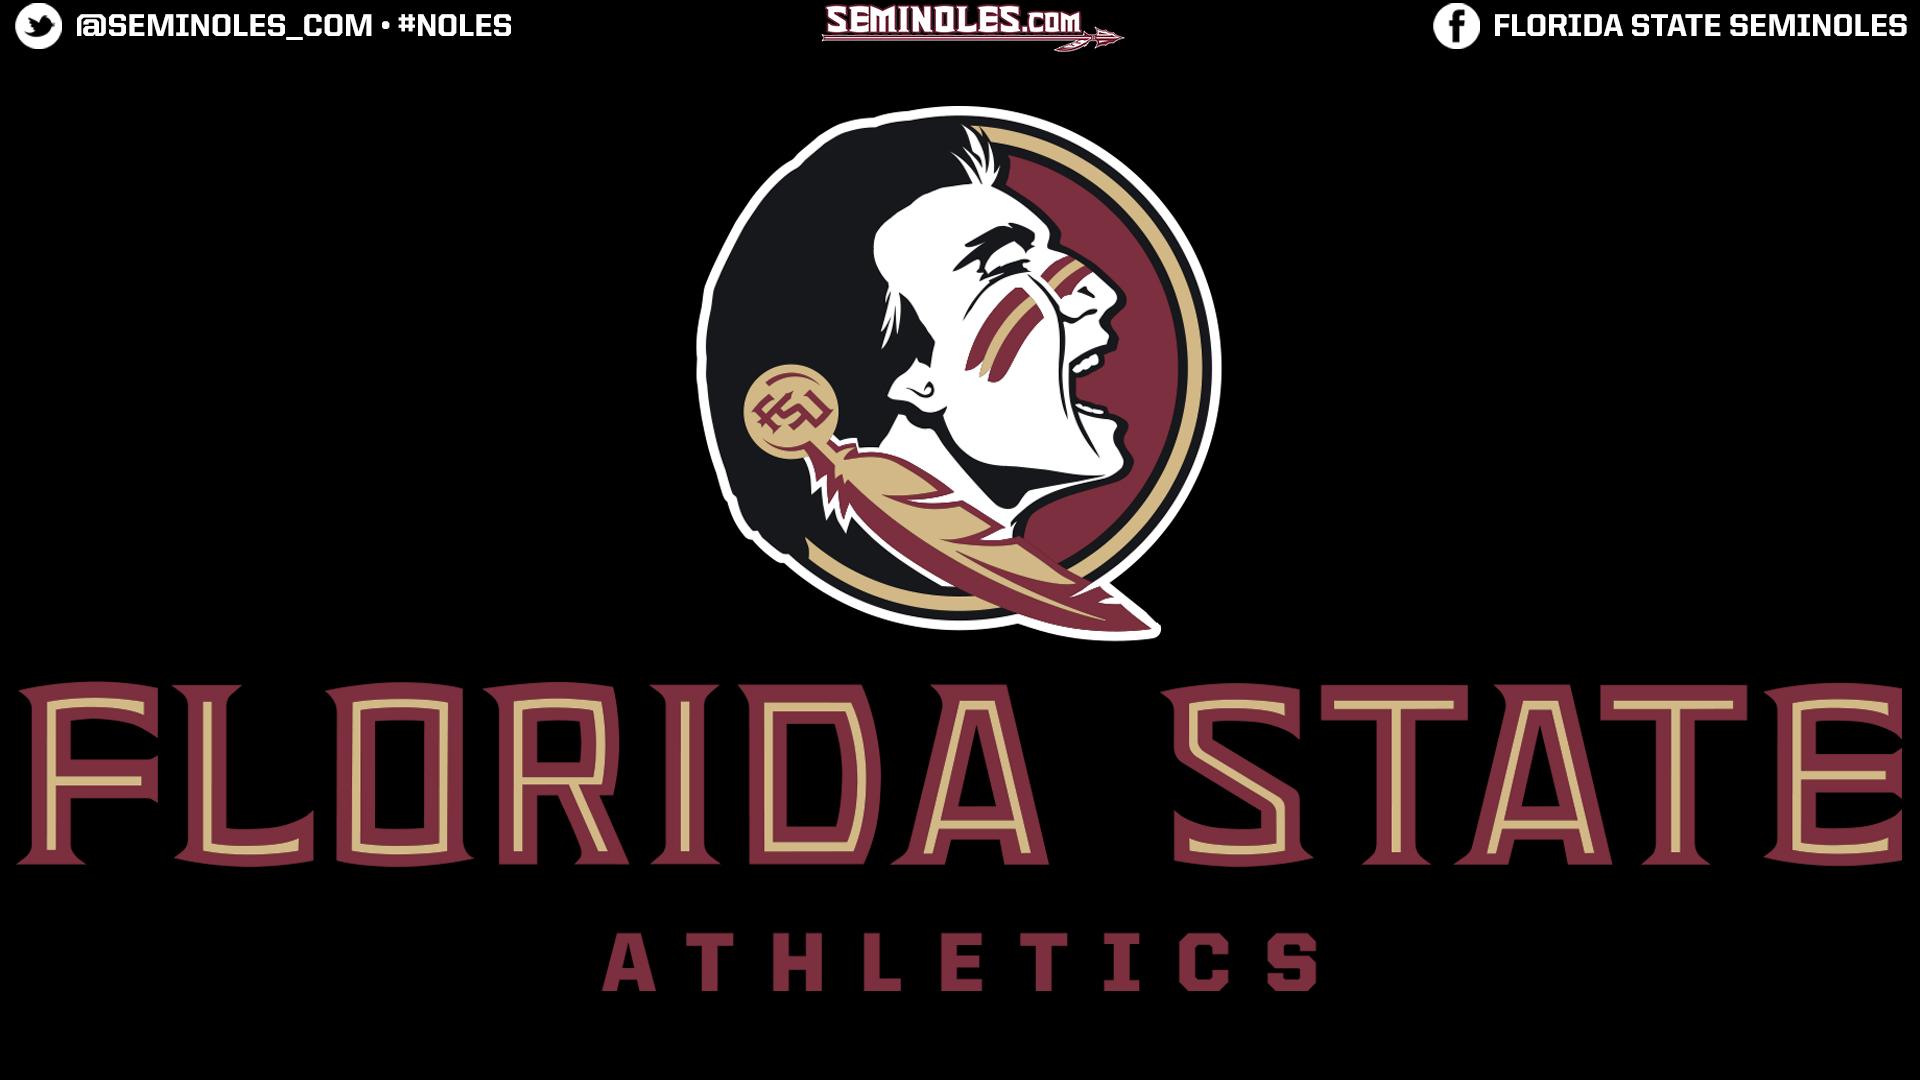 Florida State Seminoles 1920x1080